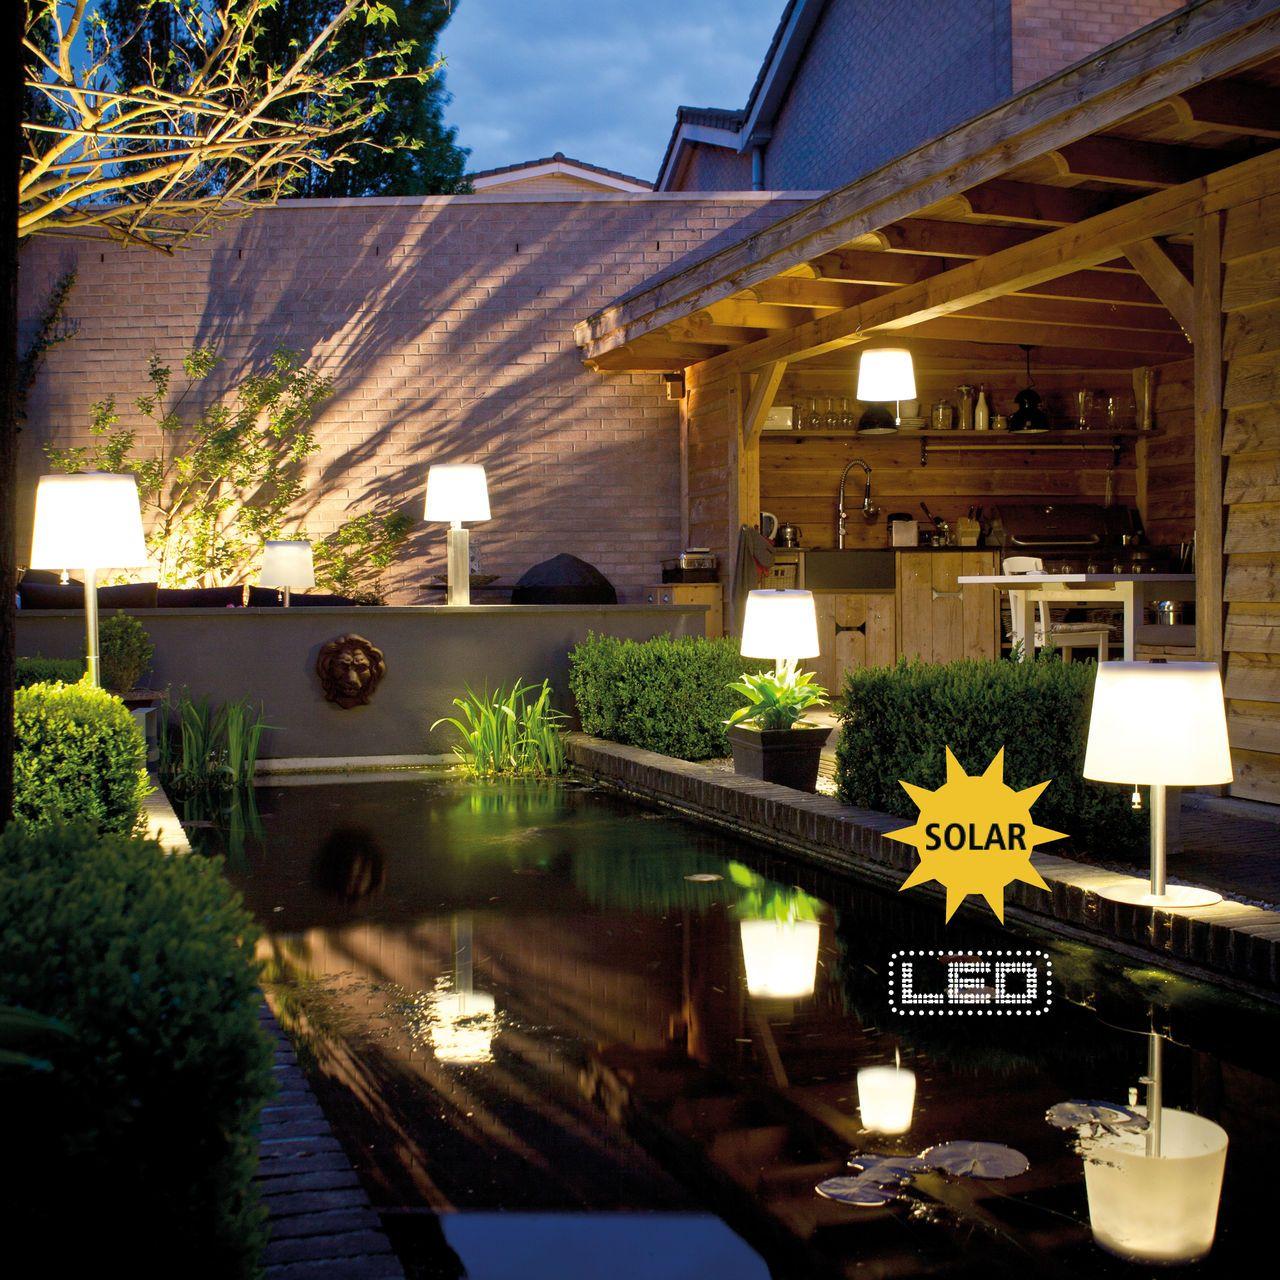 Solar Leuchten Für Den Garten